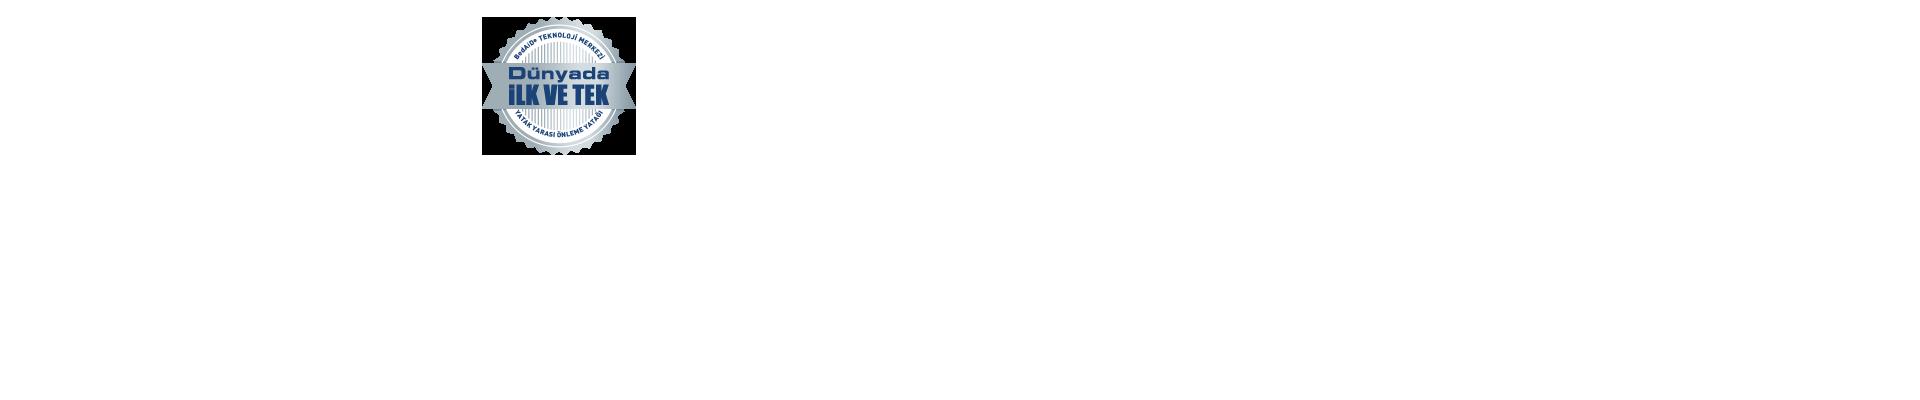 Spot Banner: BedAid Hasta Yatağı İlk ve Tek